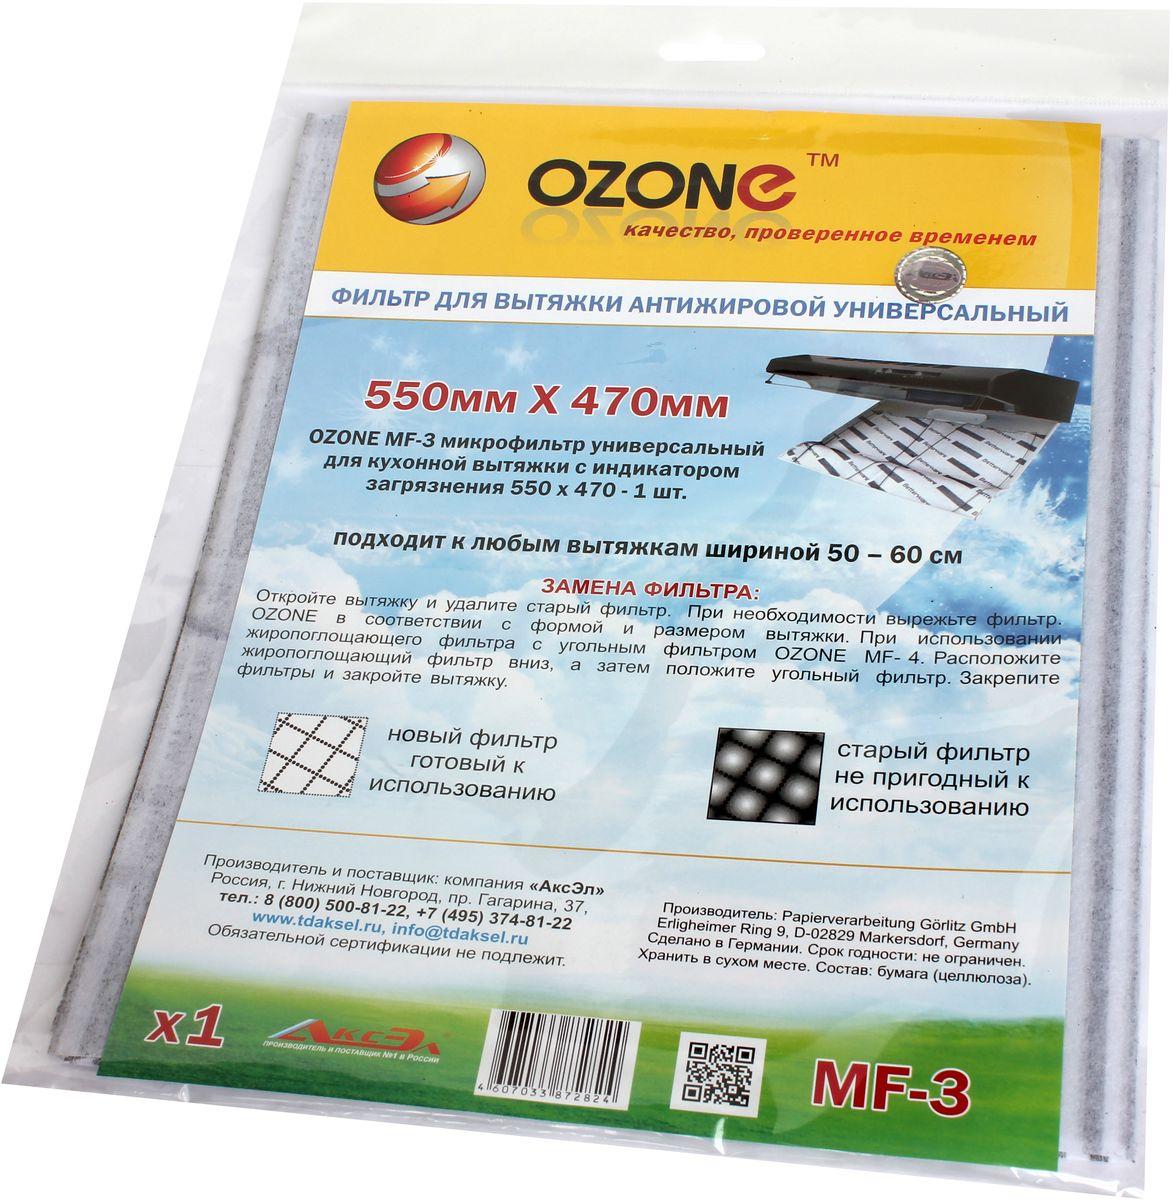 Ozone MF-3, микрофильтр для вытяжки антижировой универсальныйMF-3Ozone MF-3 фильтр для вытяжки антижировой универсальный 560 х 470 мм - 1 шт. Микрофильтр универсальный с индикатором загрязнения для кухонной вытяжки. Подходит к любым вытяжкам шириной 50–60 см. Улавливает жировые испарения при работе вытяжки, а специальный индикатор информирует о необходимости замены фильтра.